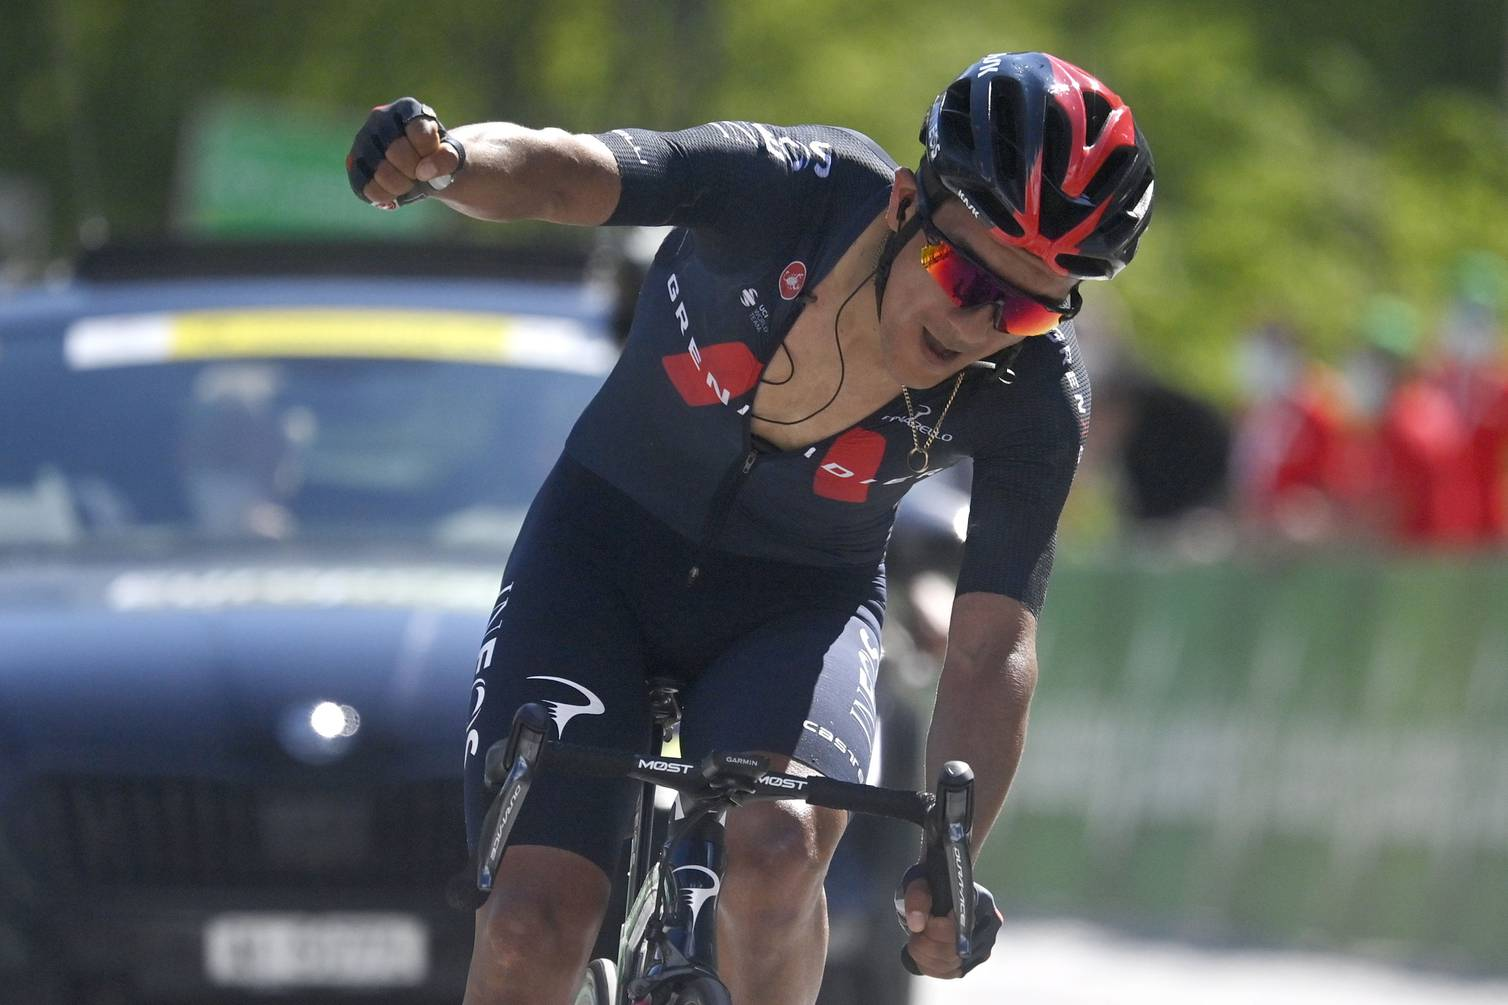 Etapa y liderato para Richard Carapaz en el Tour de Suiza